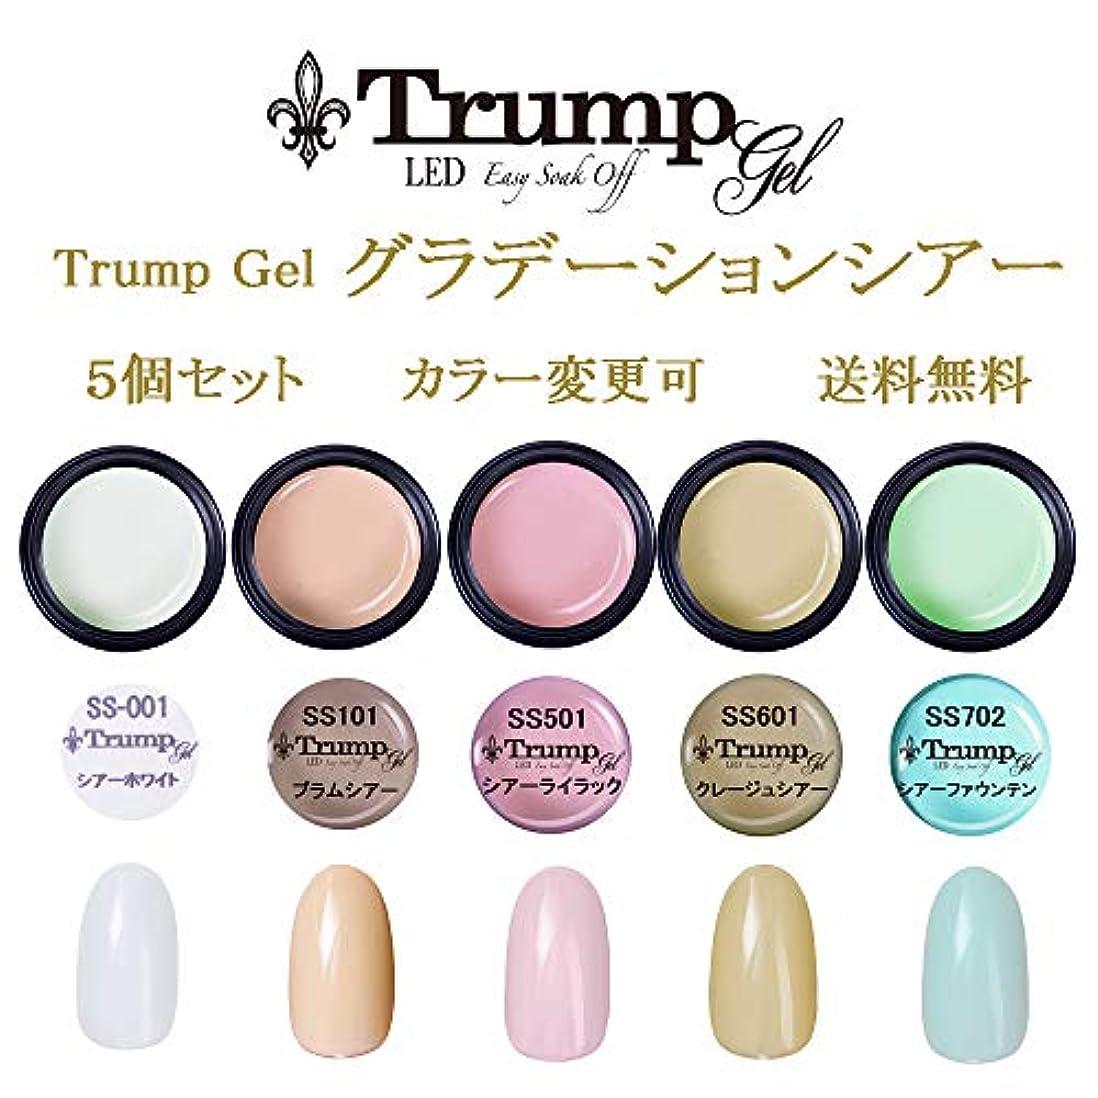 休憩すでに電話日本製 Trump gel トランプジェル グラデーション シアーカラー 選べる カラージェル 5個セット ホワイト ベージュ ピンク イエロー ブルー